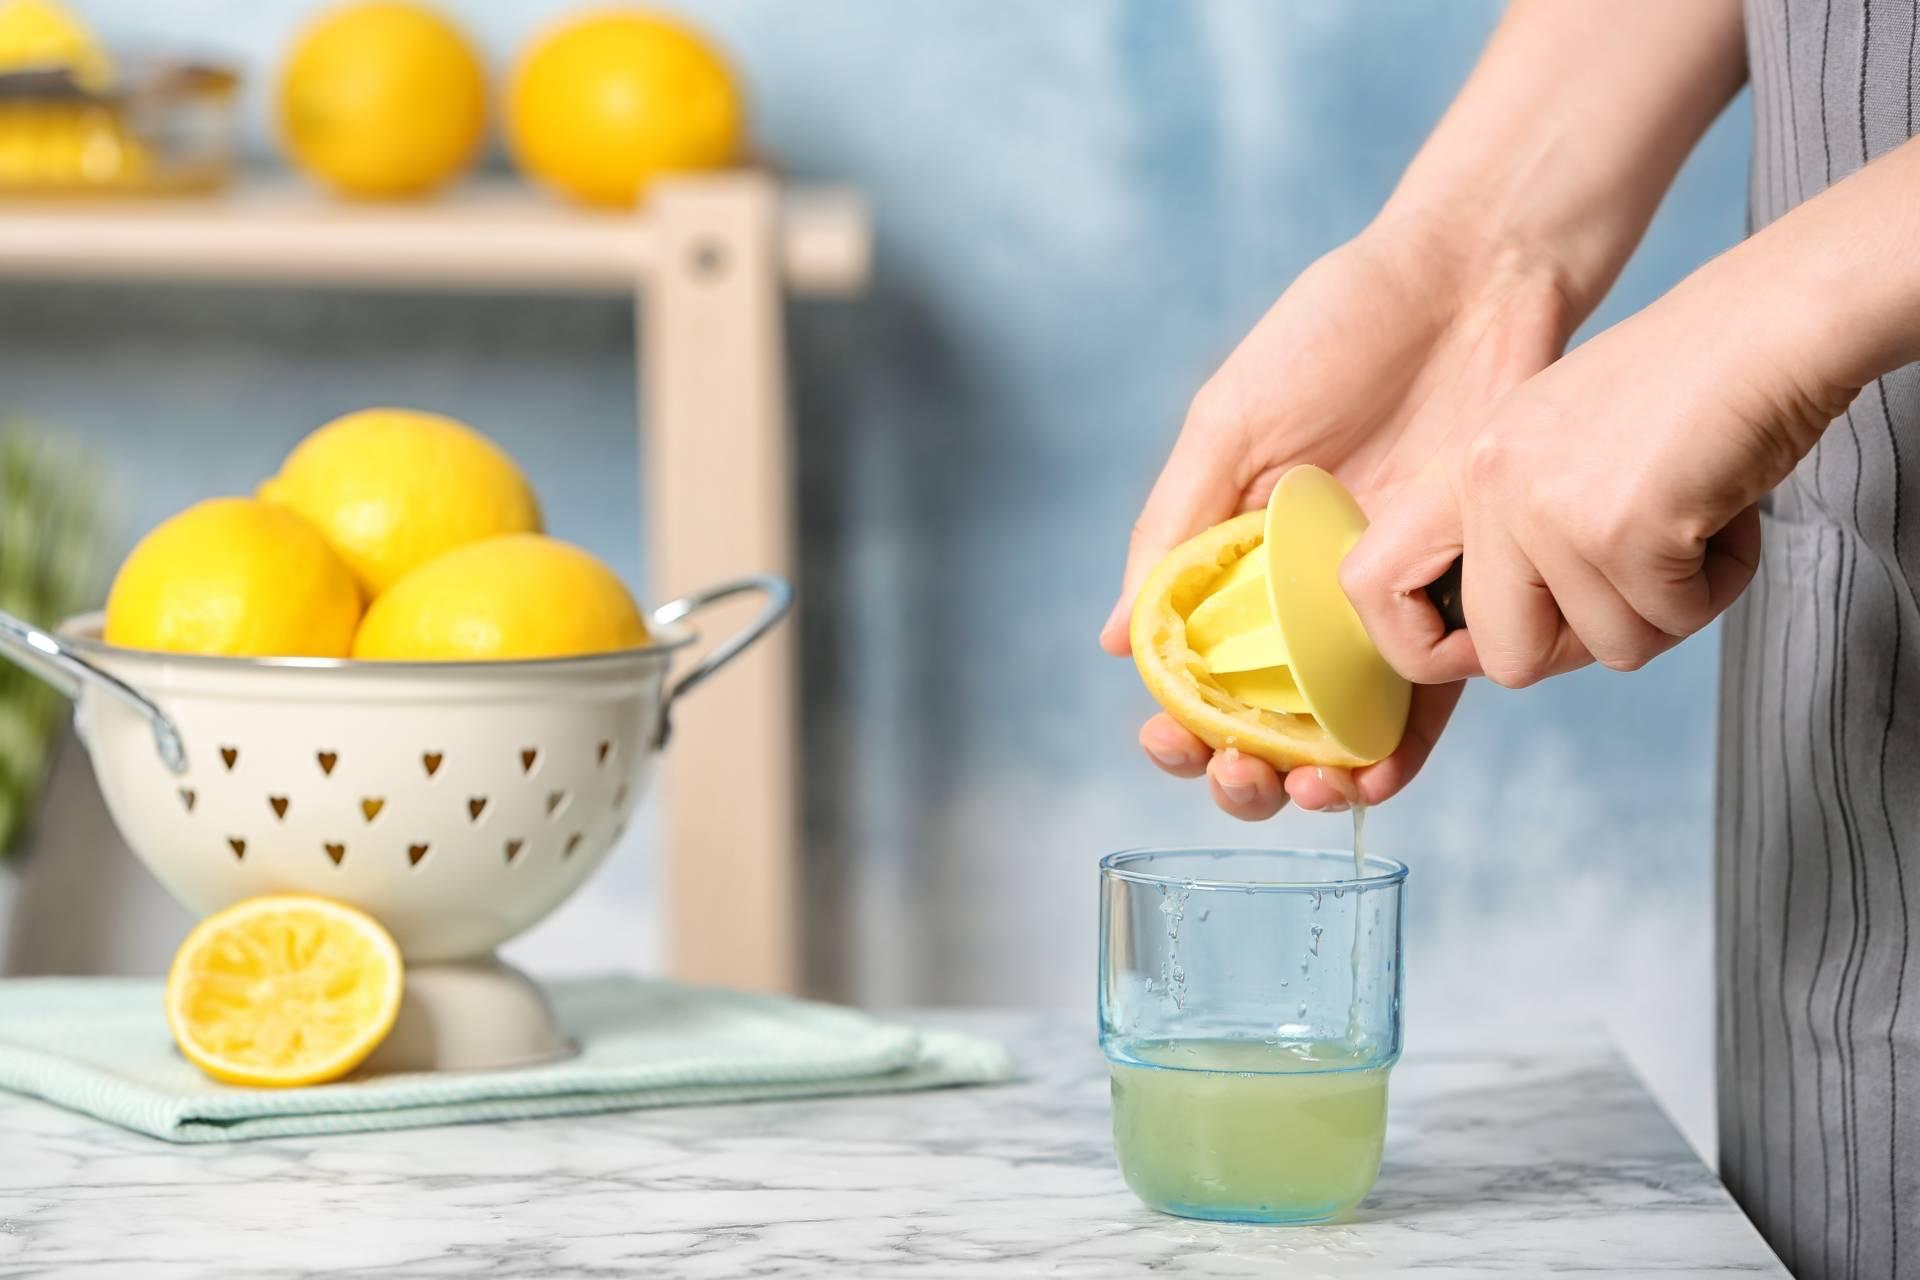 Cytryna na włosy. Kobieta wyciska sok z cytryny do szklanki. W tle leży durszlak z cytrynami i stoi szafka drewniana z pomarańczami.